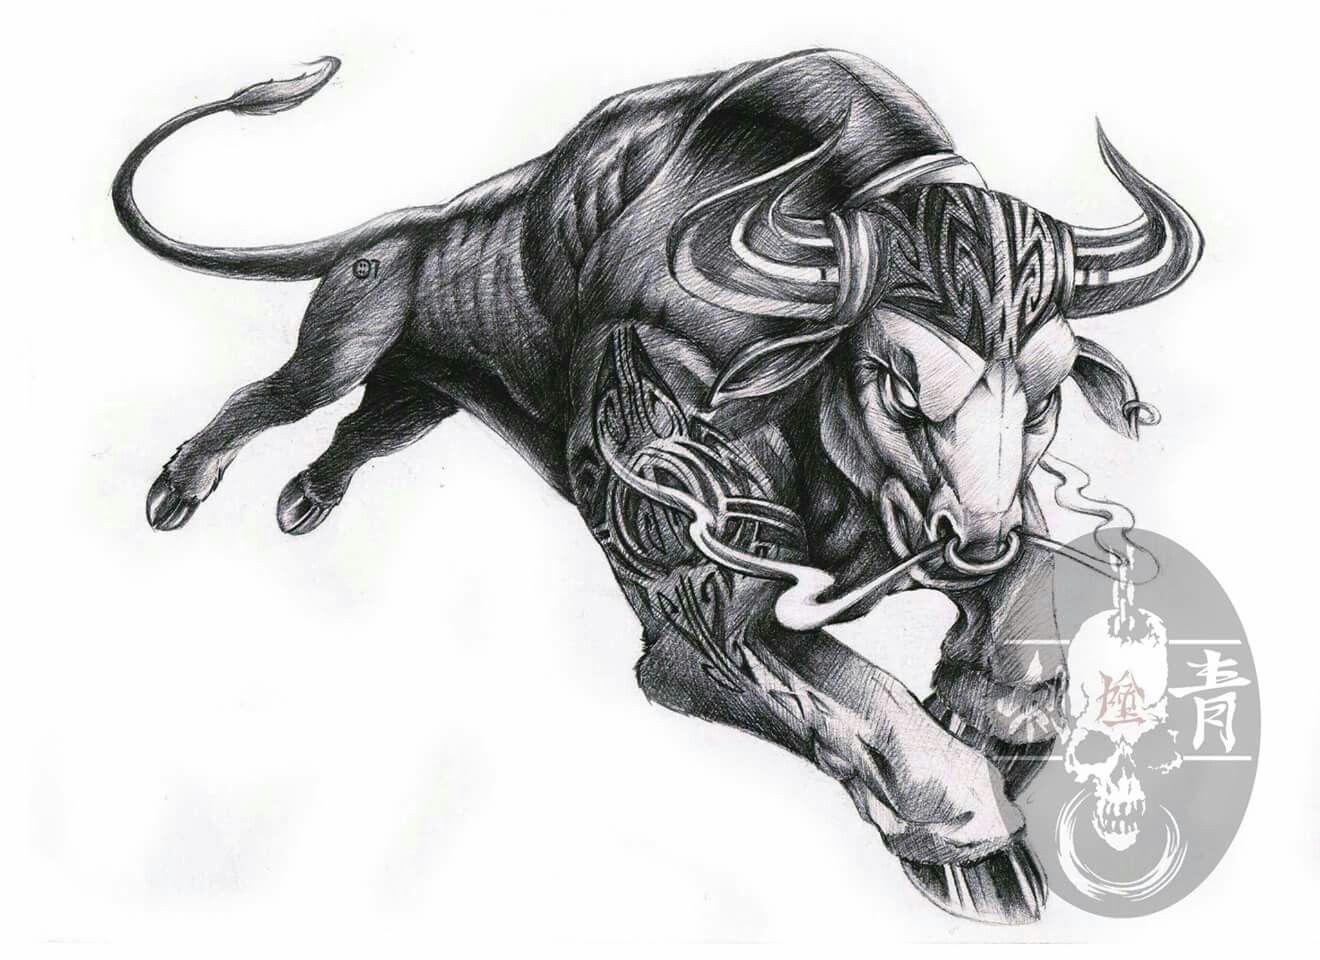 Pin By Nametattoo Bangsaen On Name Drawing Bull Tattoos Taurus Bull Tattoos Taurus Tattoos